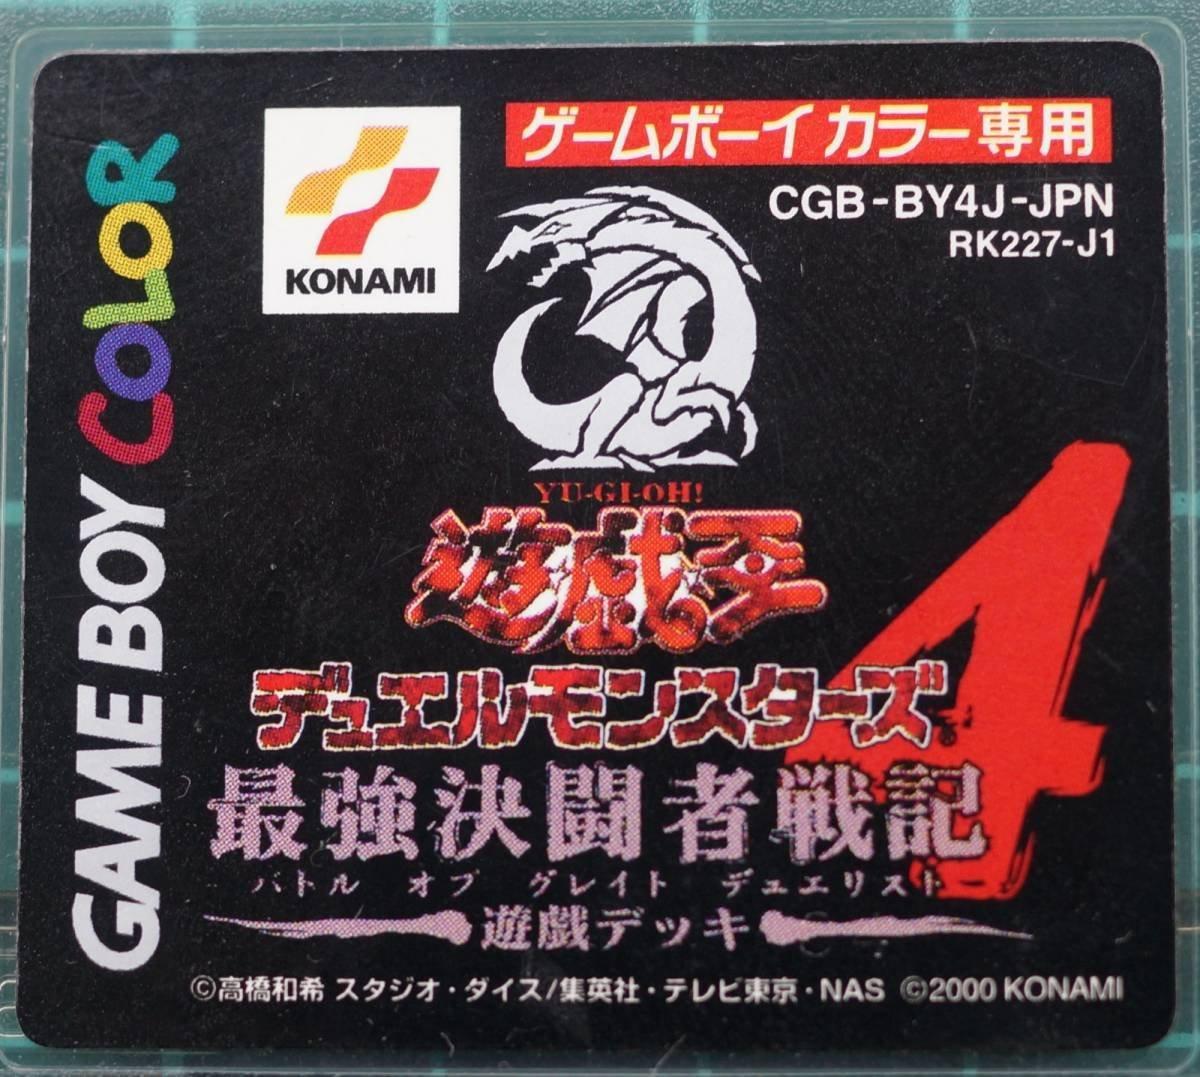 ゲームボーイ カラーカートリッジ : 遊戯王デュエルモンスターズ4 最強決闘者戦記 遊戯デッキ CGB-BY4J